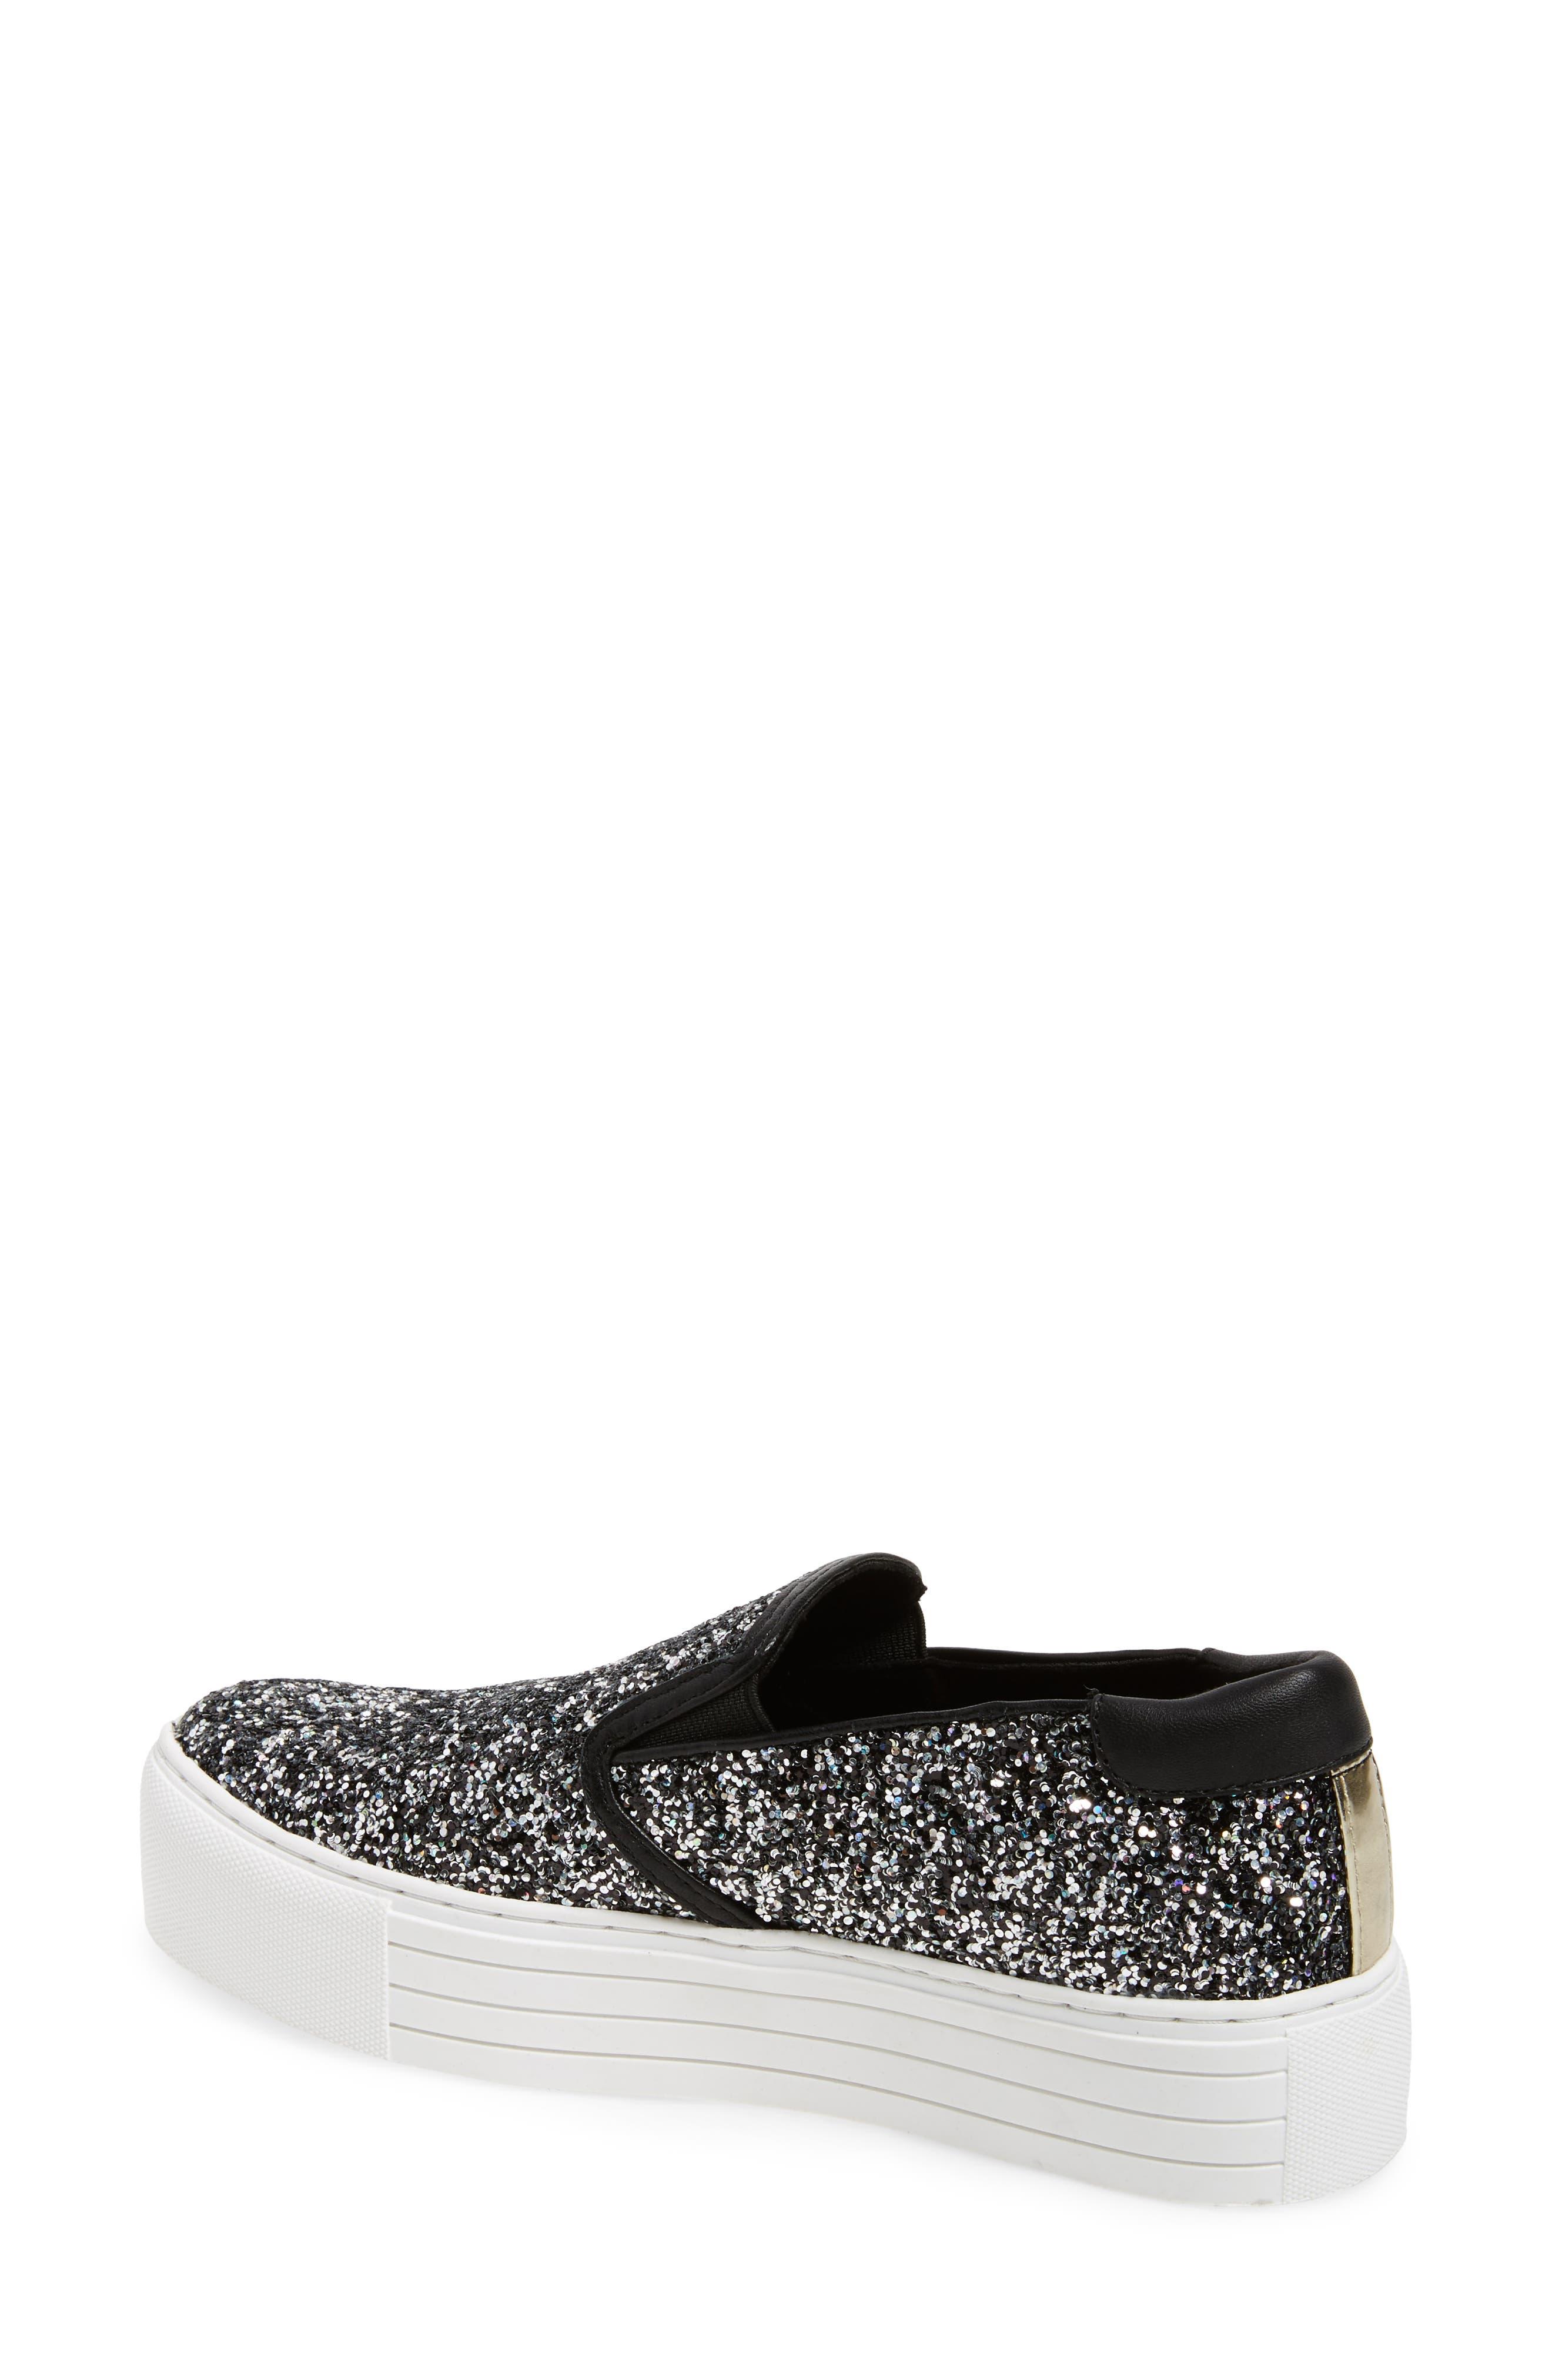 Joanie Slip-On Platform Sneaker,                             Alternate thumbnail 22, color,